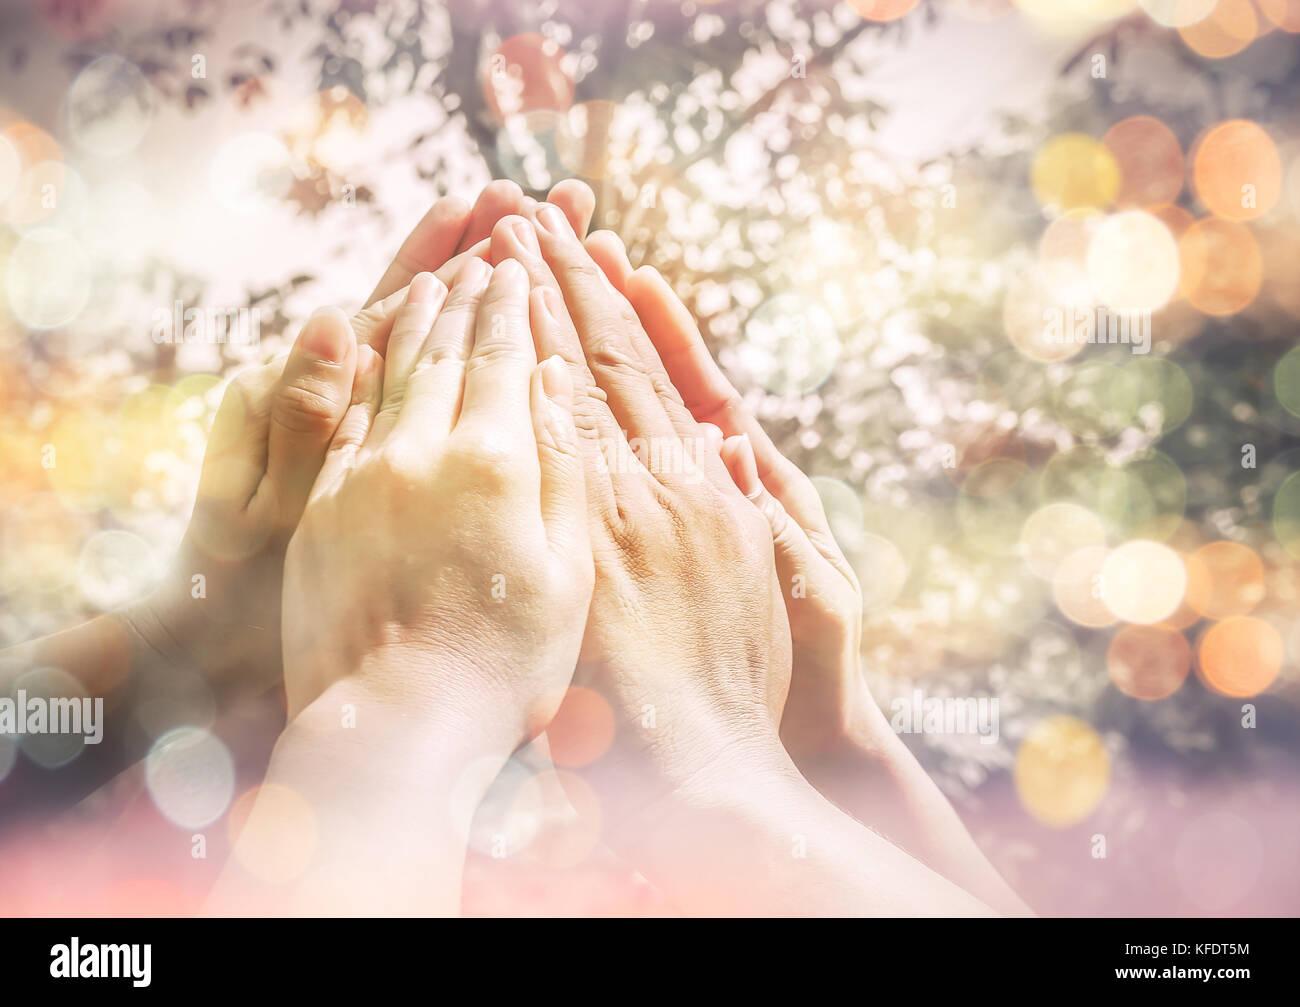 Grupo de diversos multiétnico pueblo juntos hacer manos altas ,Concepto de trabajo en equipo, el trabajo en Imagen De Stock